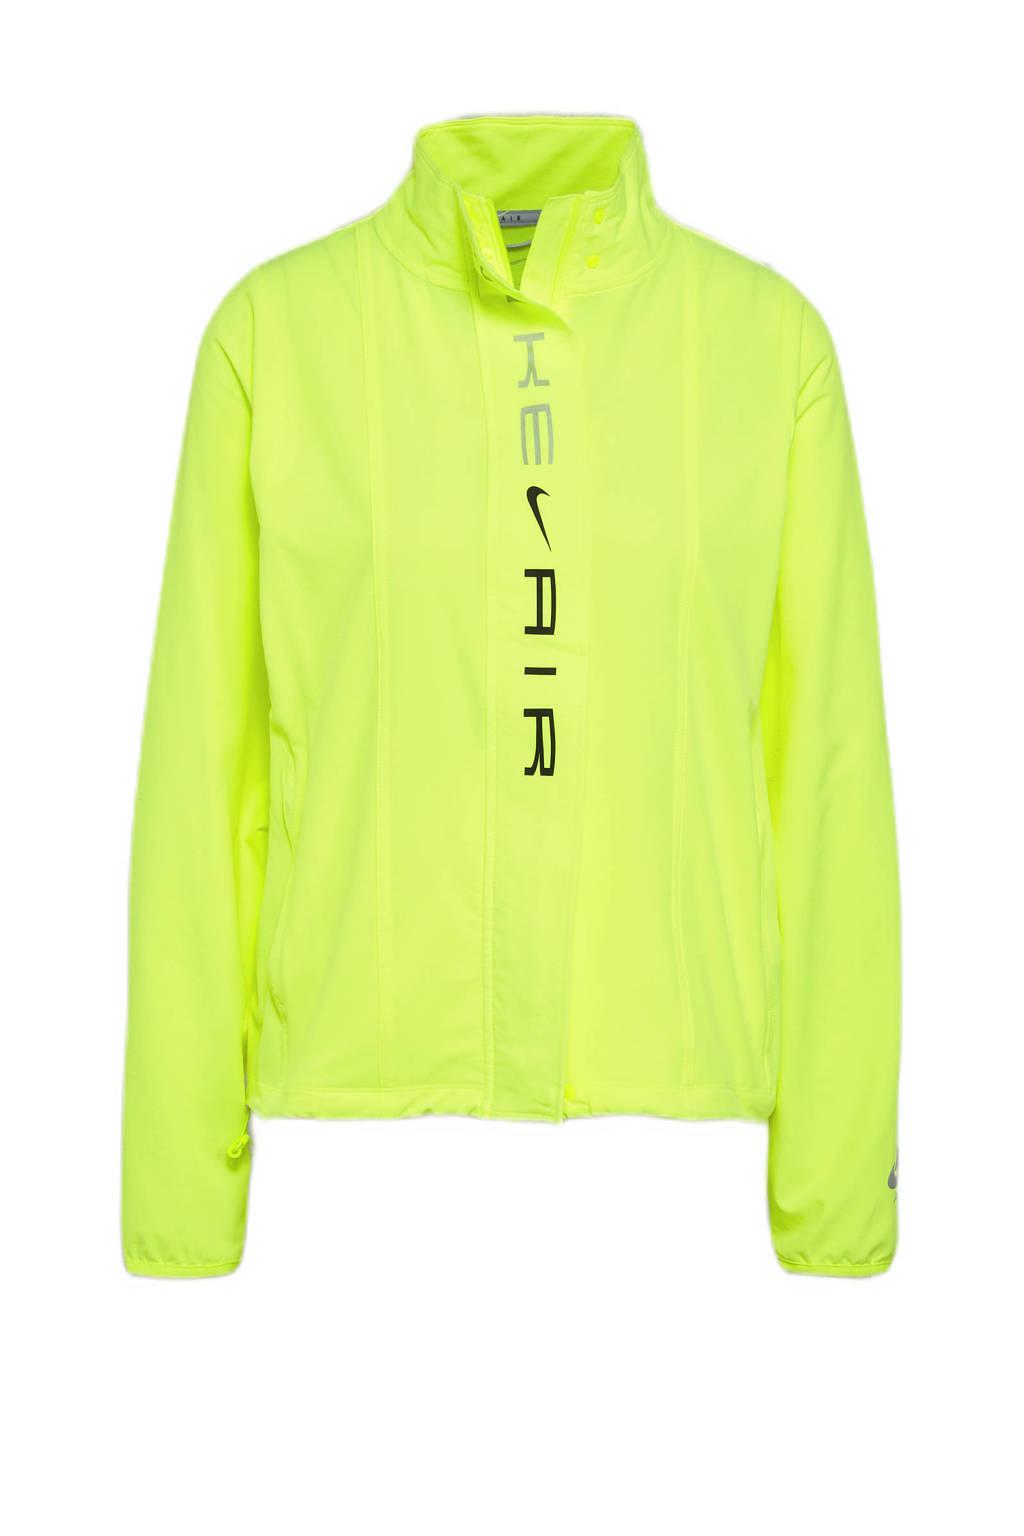 Nike hardloopjack geel, Geel